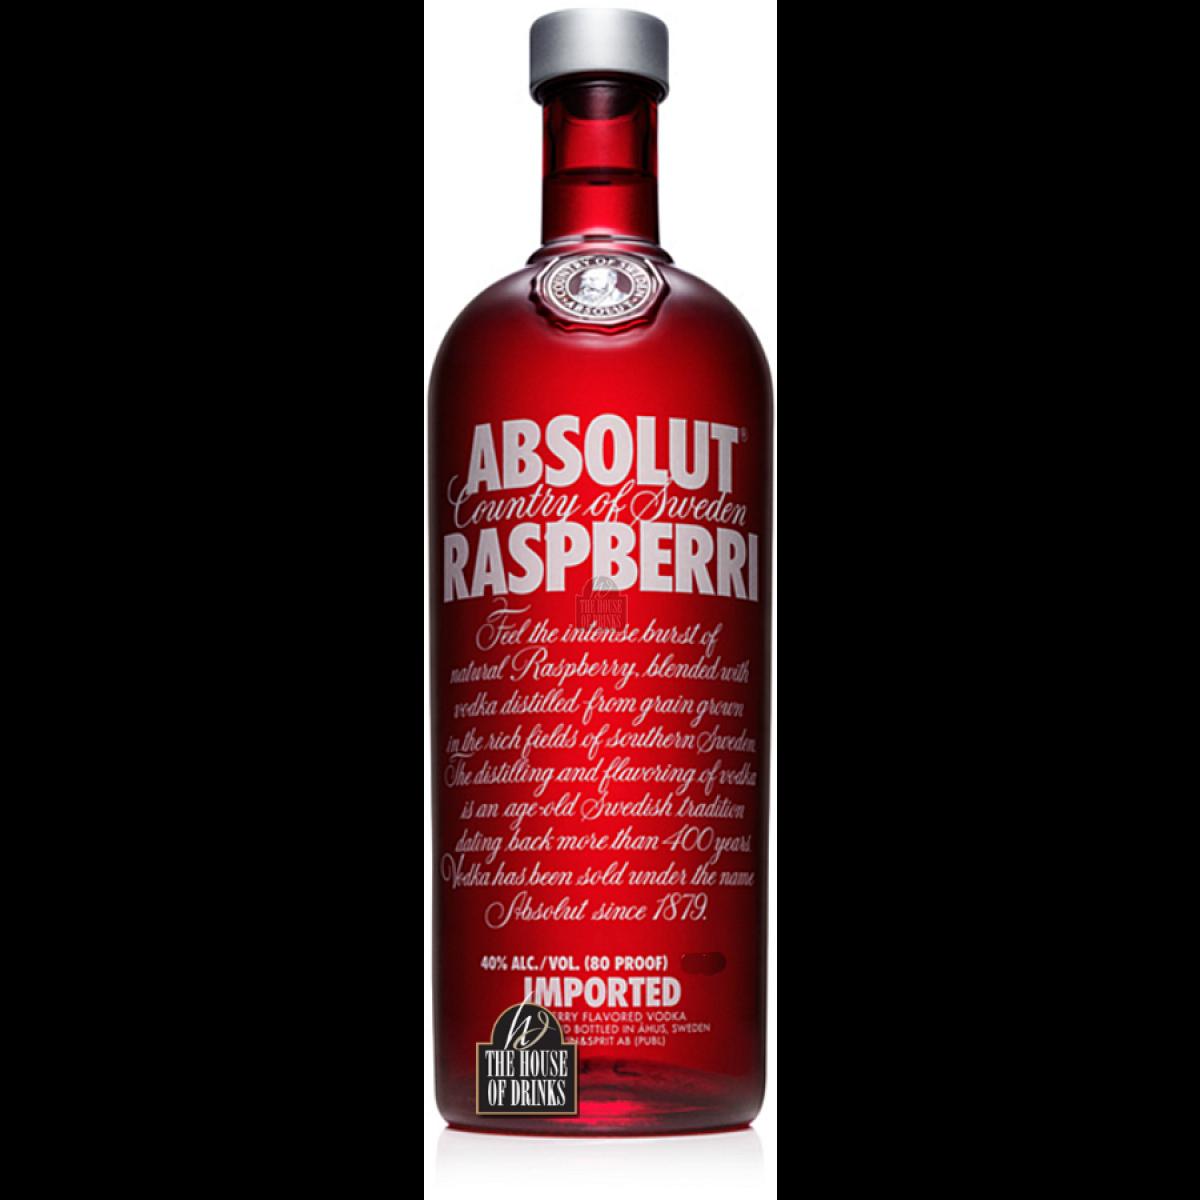 Vodka bottle png. Images free download image